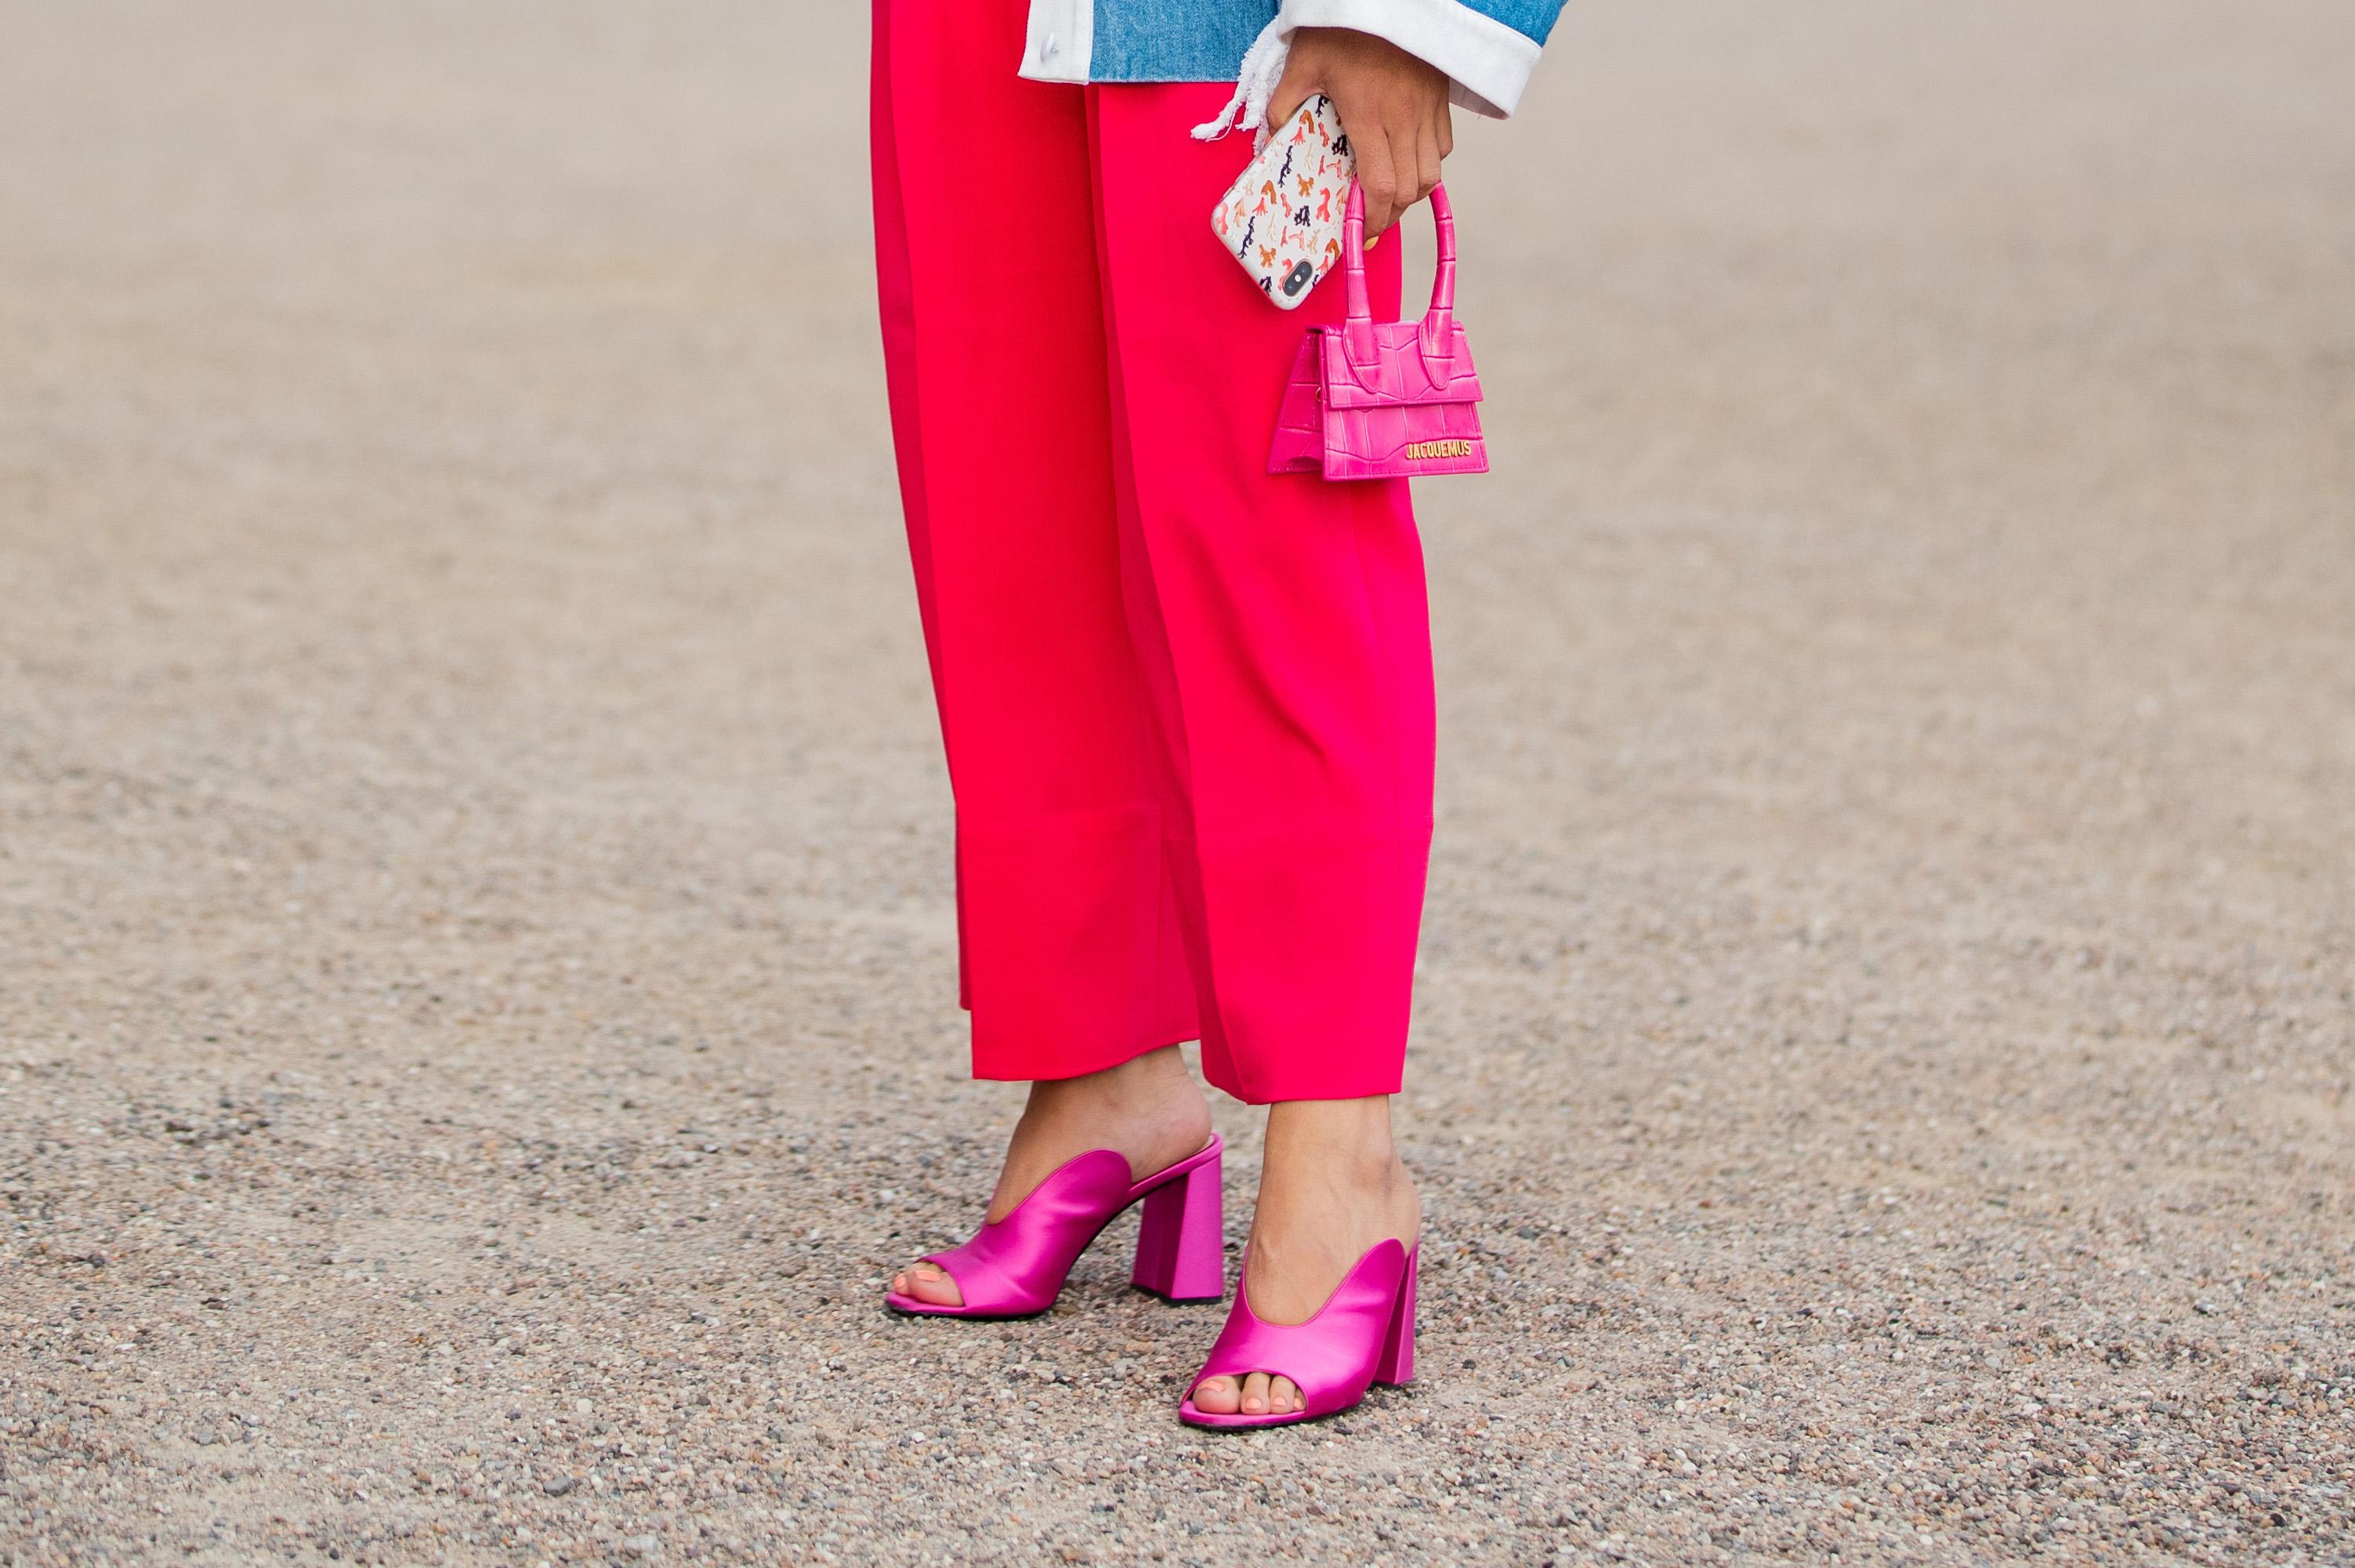 サテン素材のビビッドカラーはインパクト十分! ミニマルなデザインだからこそトレンド感が際立つからチャンキーヒールで今っぽさを意識。パンツにも、スカートにも合わせやすいのもGOOD。